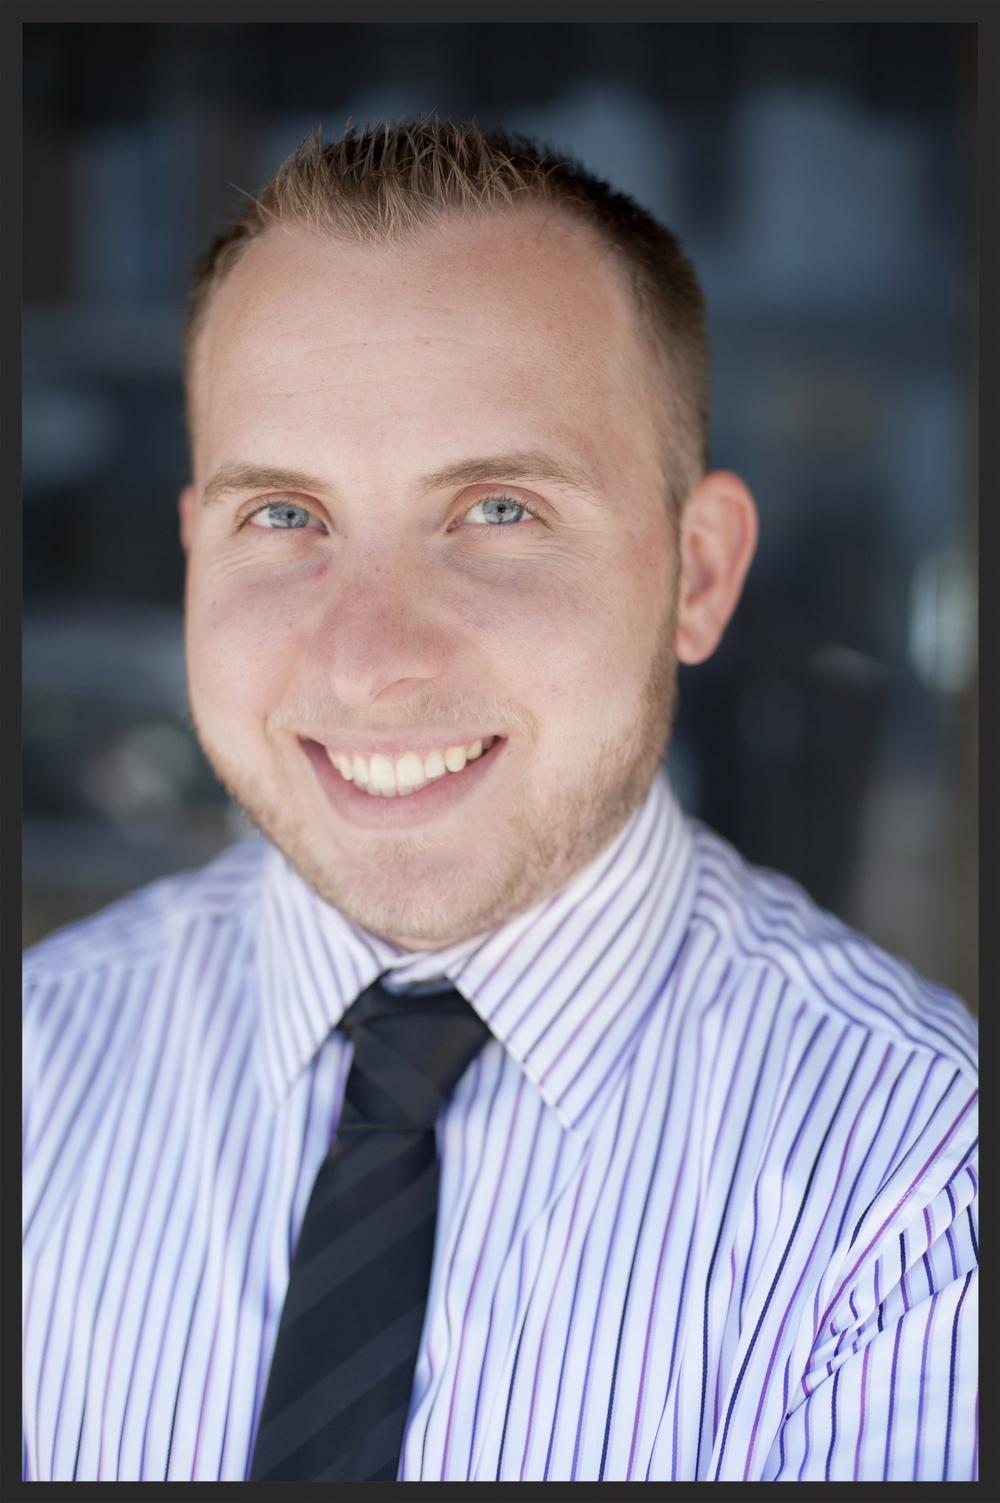 Zach Tipton, REALTOR 502-321-4831 zach.tipton@smithclick.com